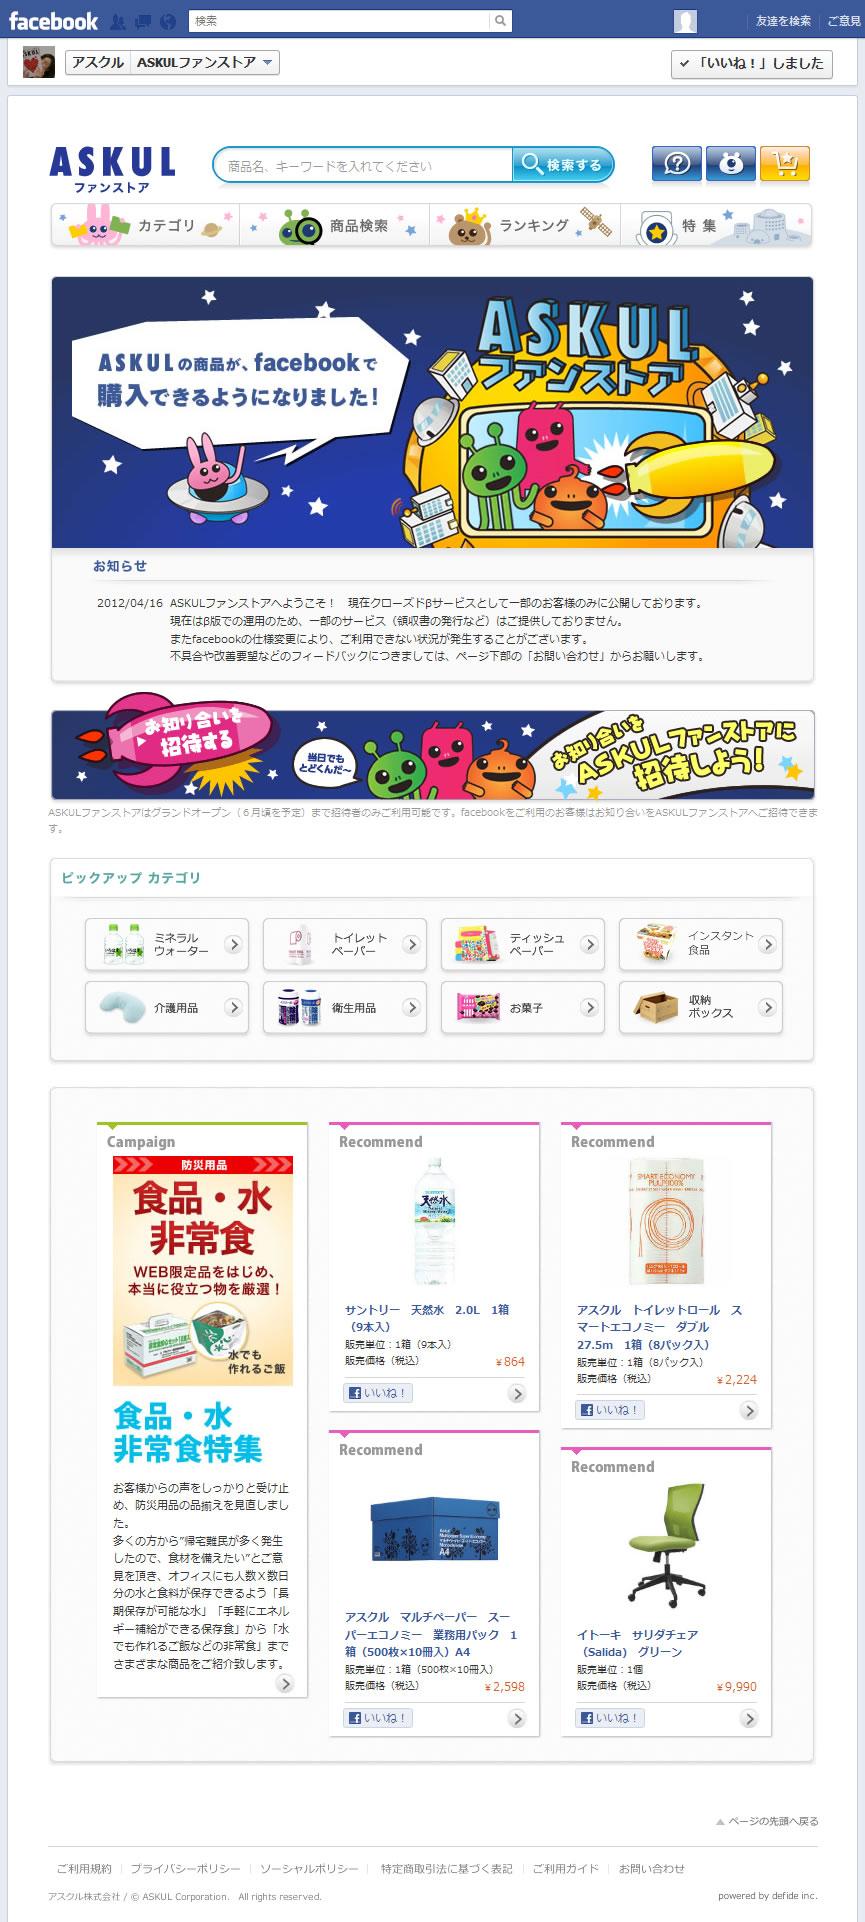 デフィデ株式会社、FacebookなどSNS向けソーシャルコマースアプリ「YO.CART!!(ヨカート!!)」サービス提供開始 ~アスクル株式会社Facebookコマース「ASKULファンストア」に採用~